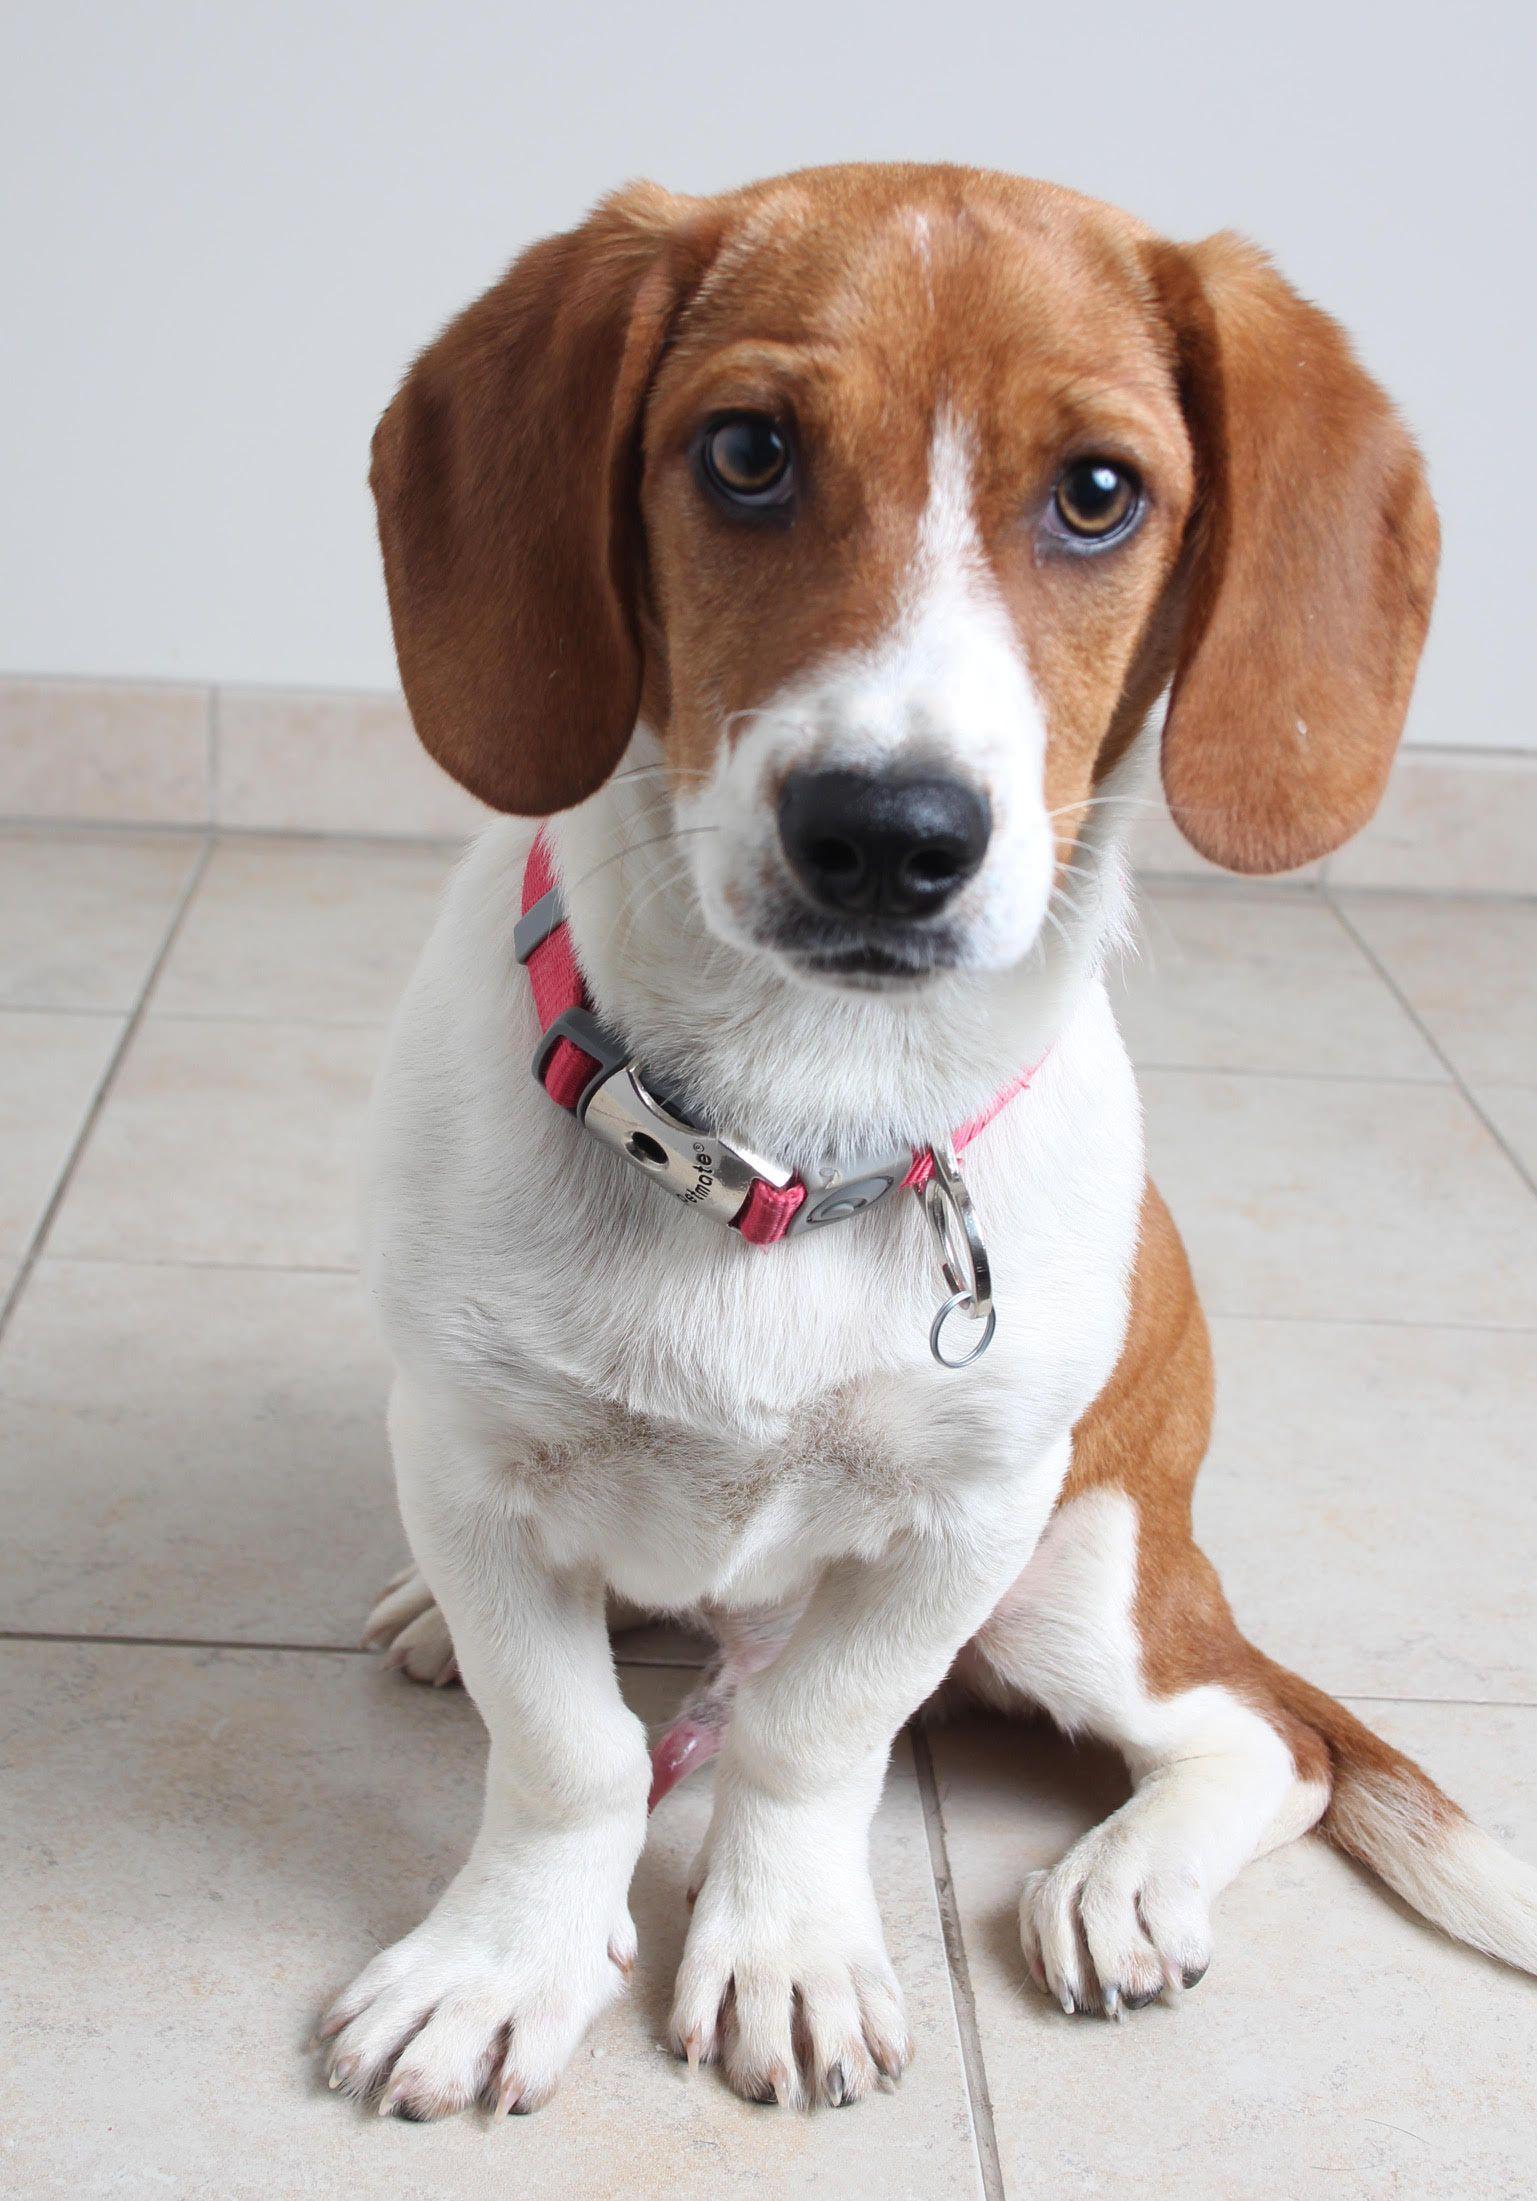 Doxle dog for Adoption in Eden Prairie, MN. ADN535997 on